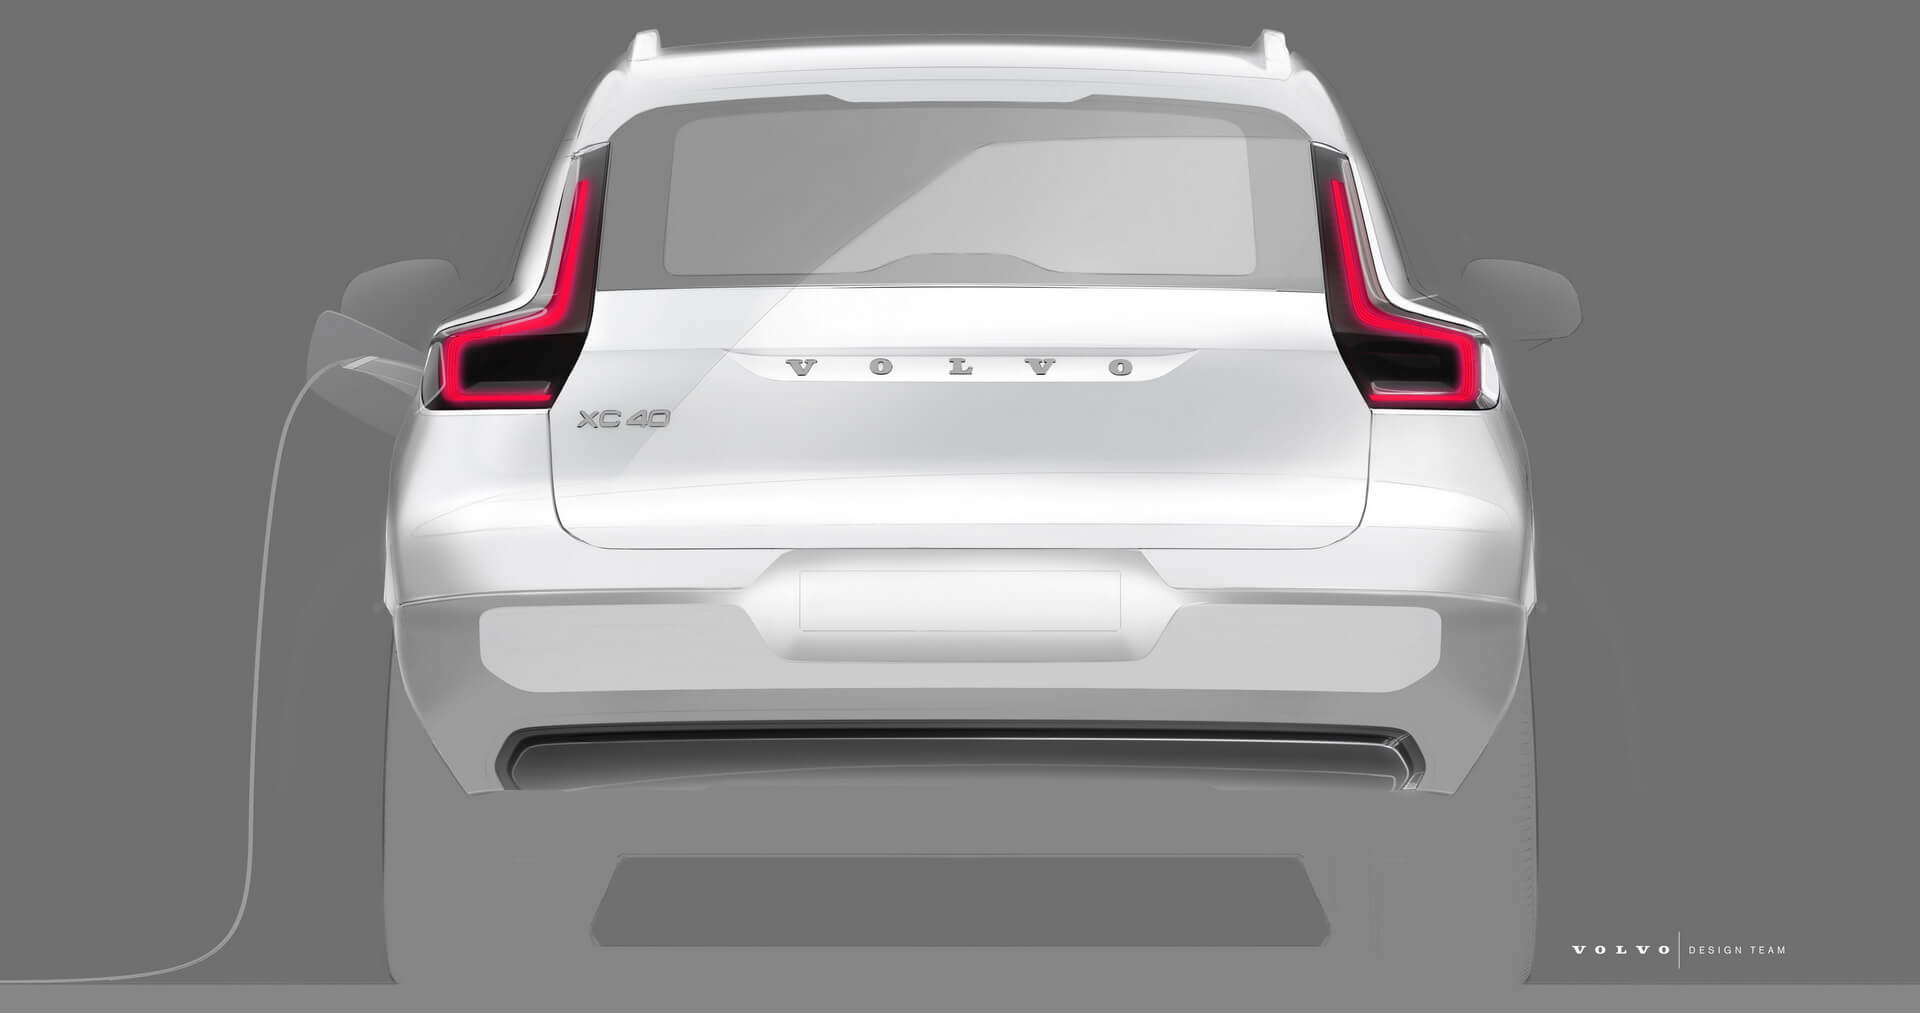 Отсутствие выхлопной трубы минимизирует количество деталей в задней части электромобиля